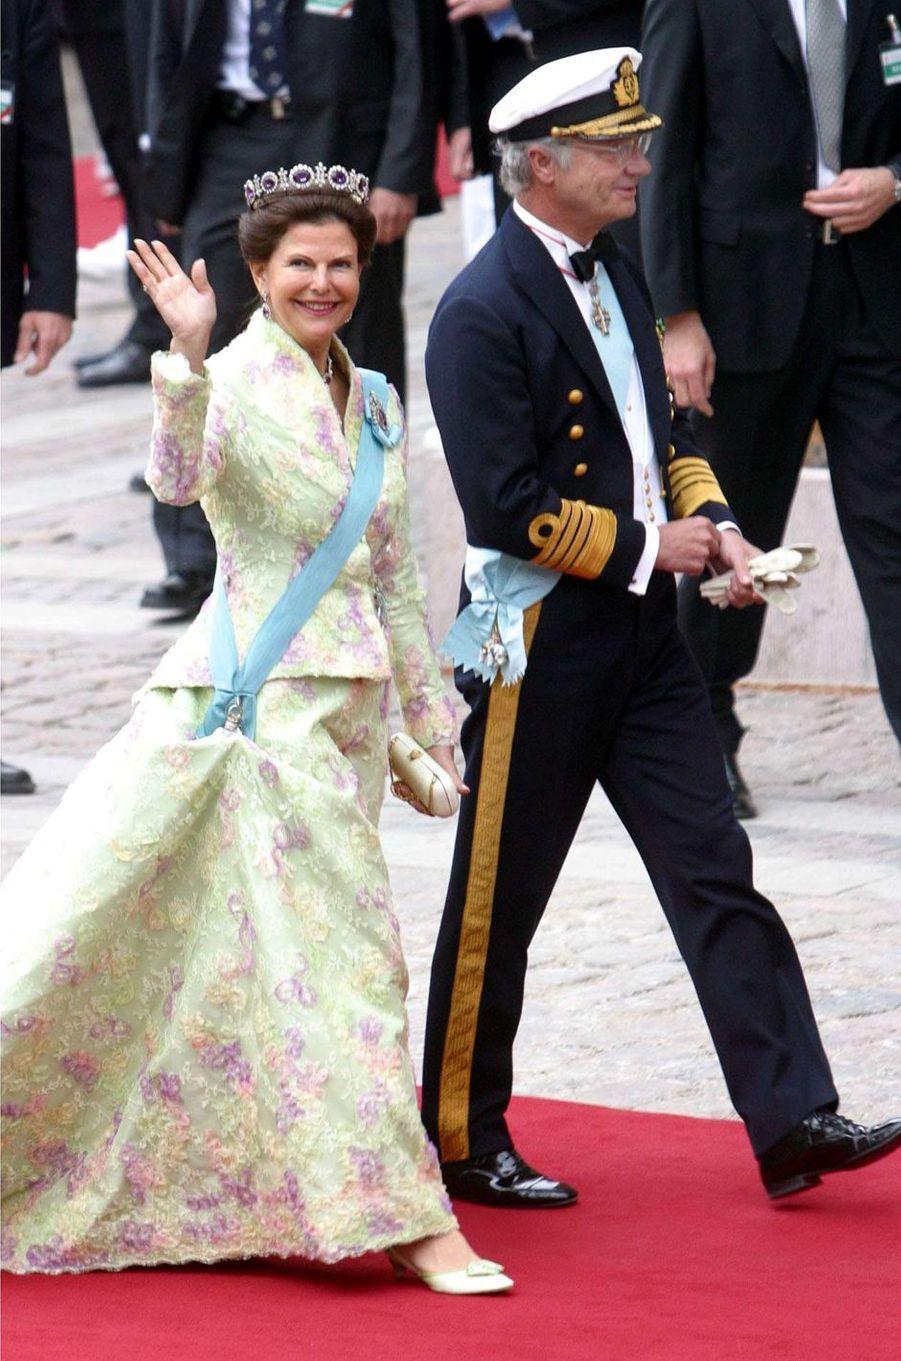 La reine Silvia et le roi Carl XVI Gustaf de Suède à Copenhague, le 14 mai 2004